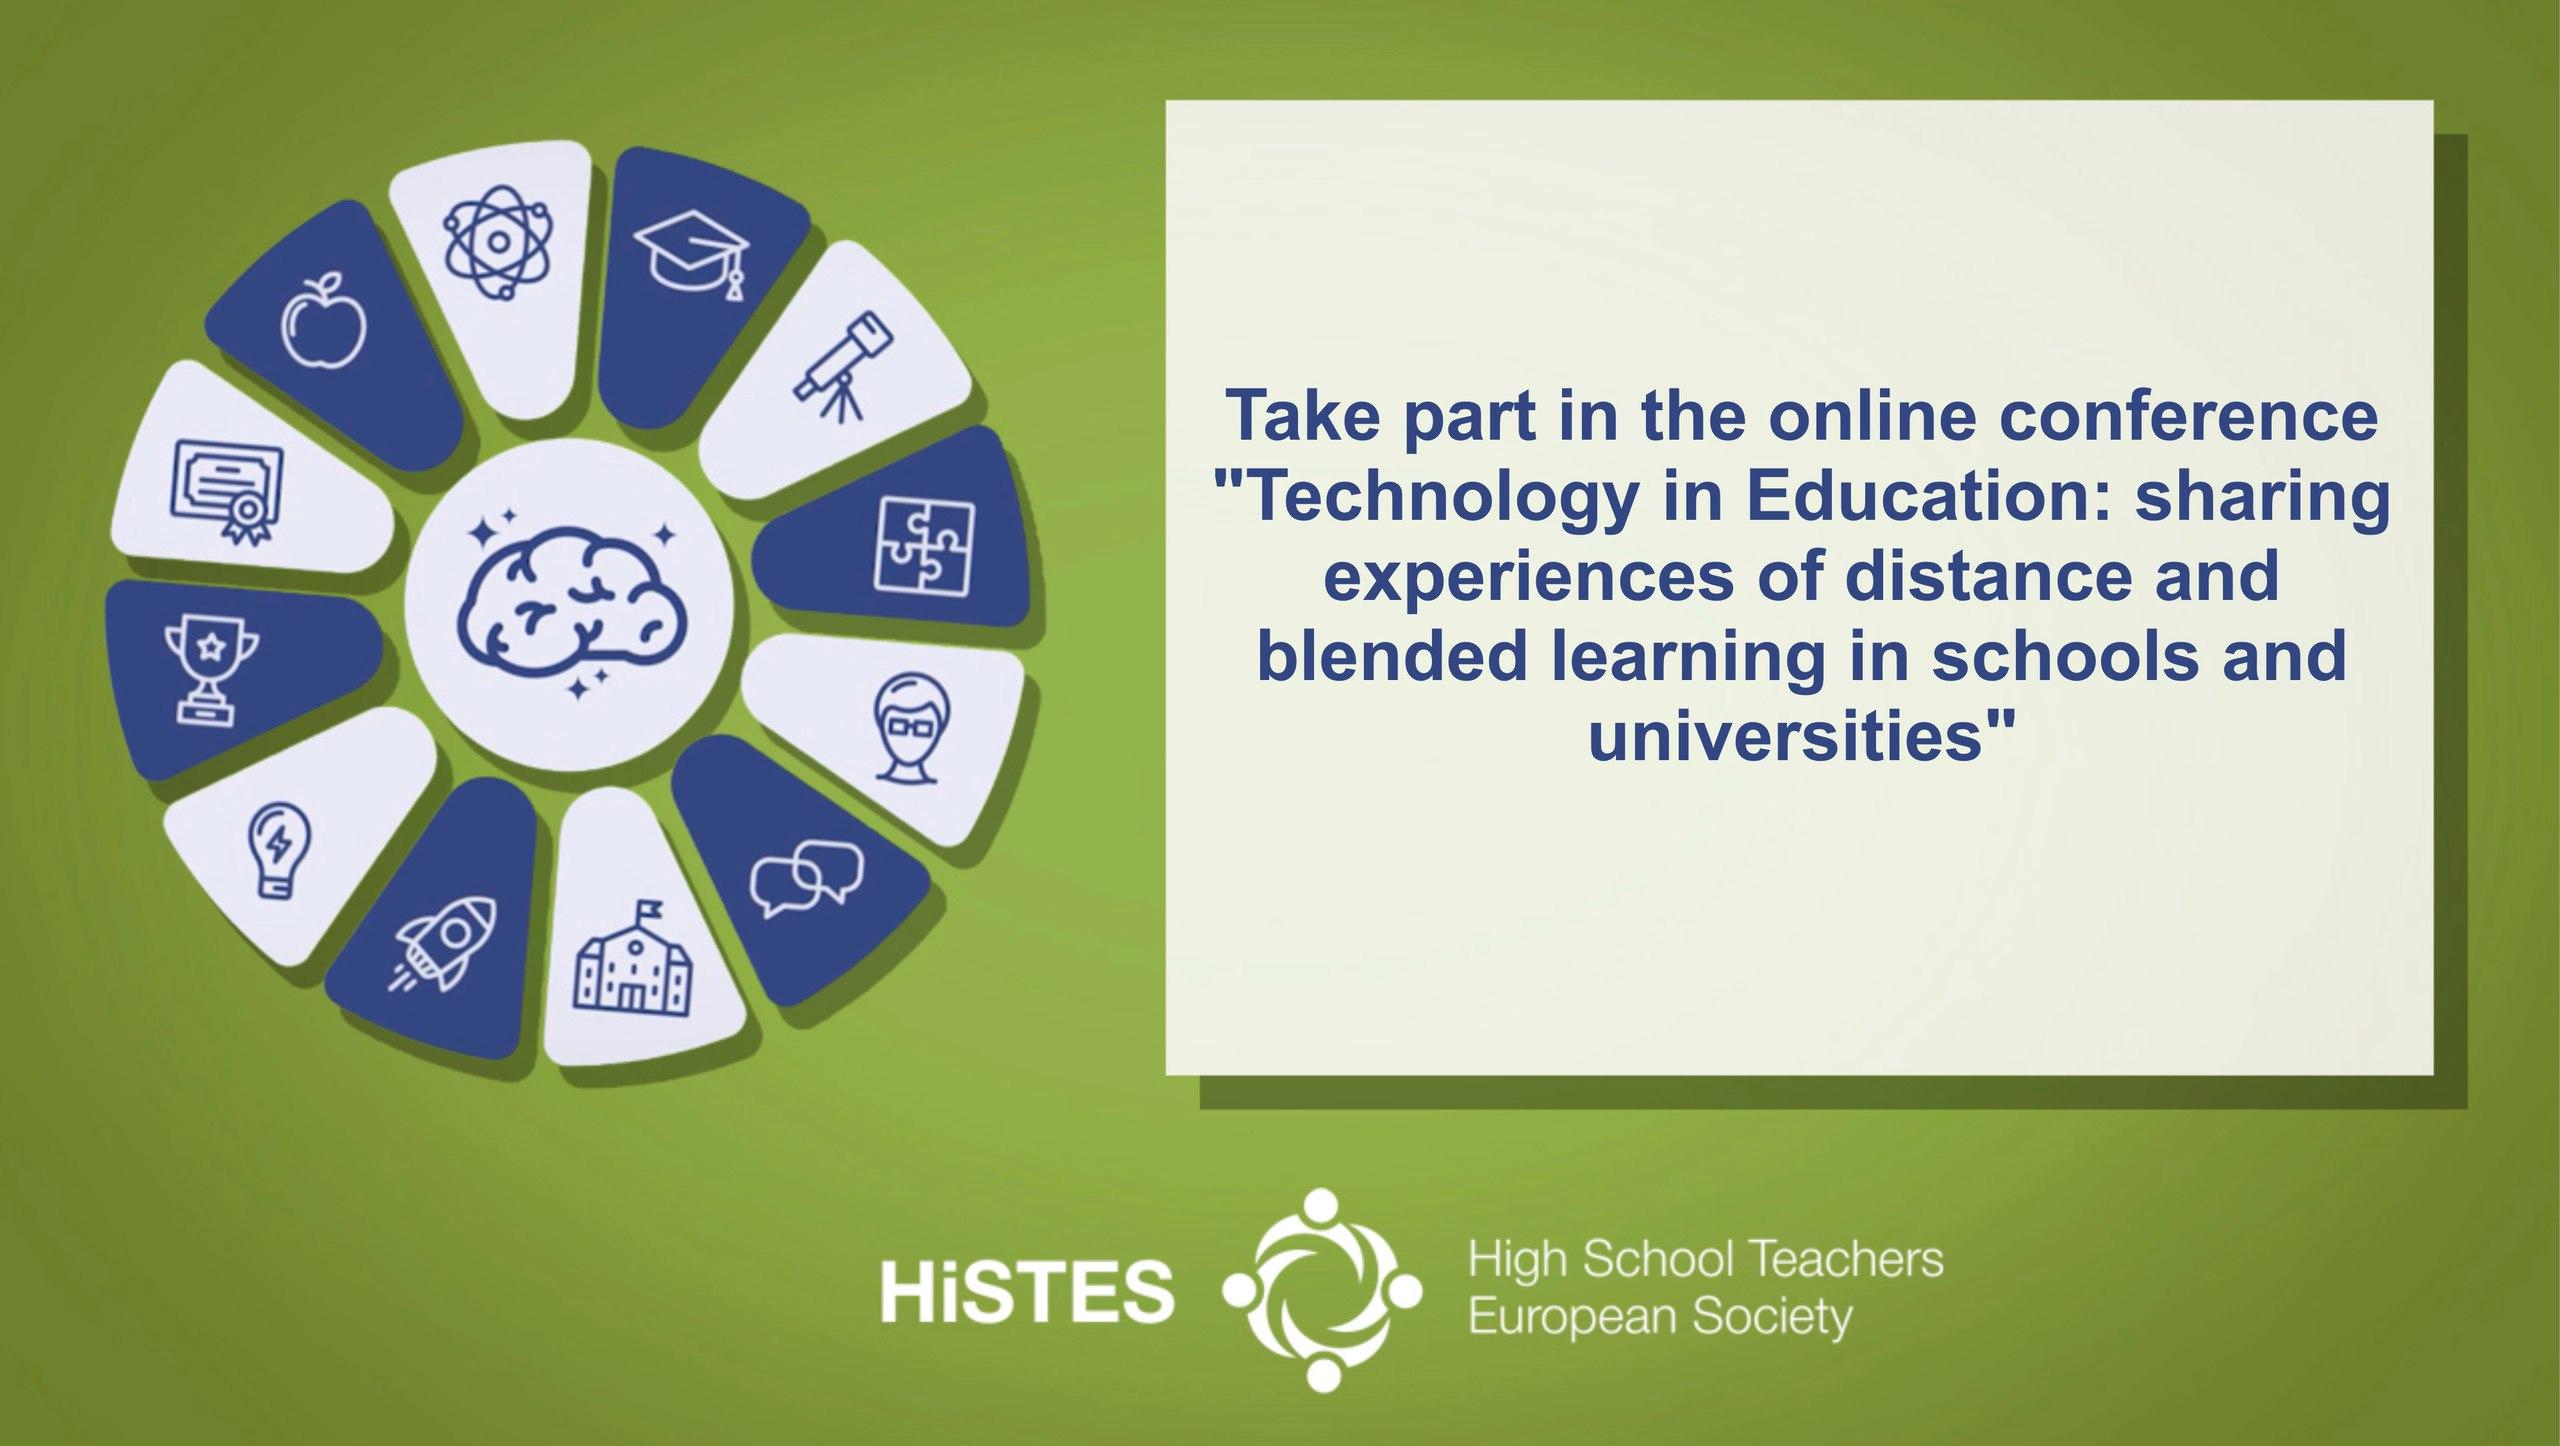 Европейская Ассоциация ВУЗов и преподавателей высшей школы HiSTES - High School Teachers European Society